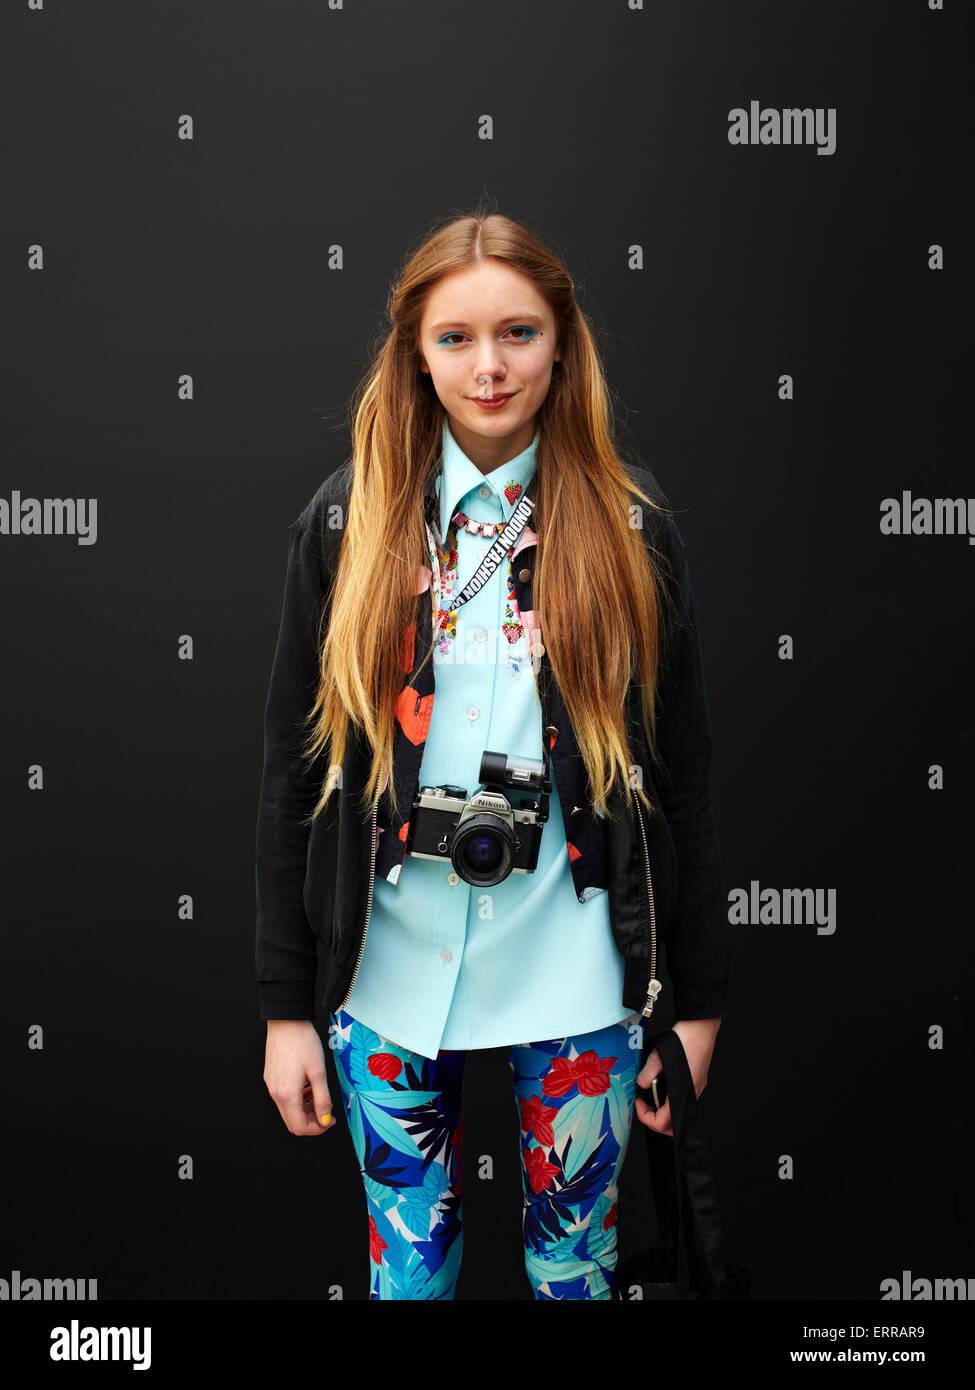 Street Style Fashion Week Stock Photos Street Style Fashion Week Stock Images Alamy